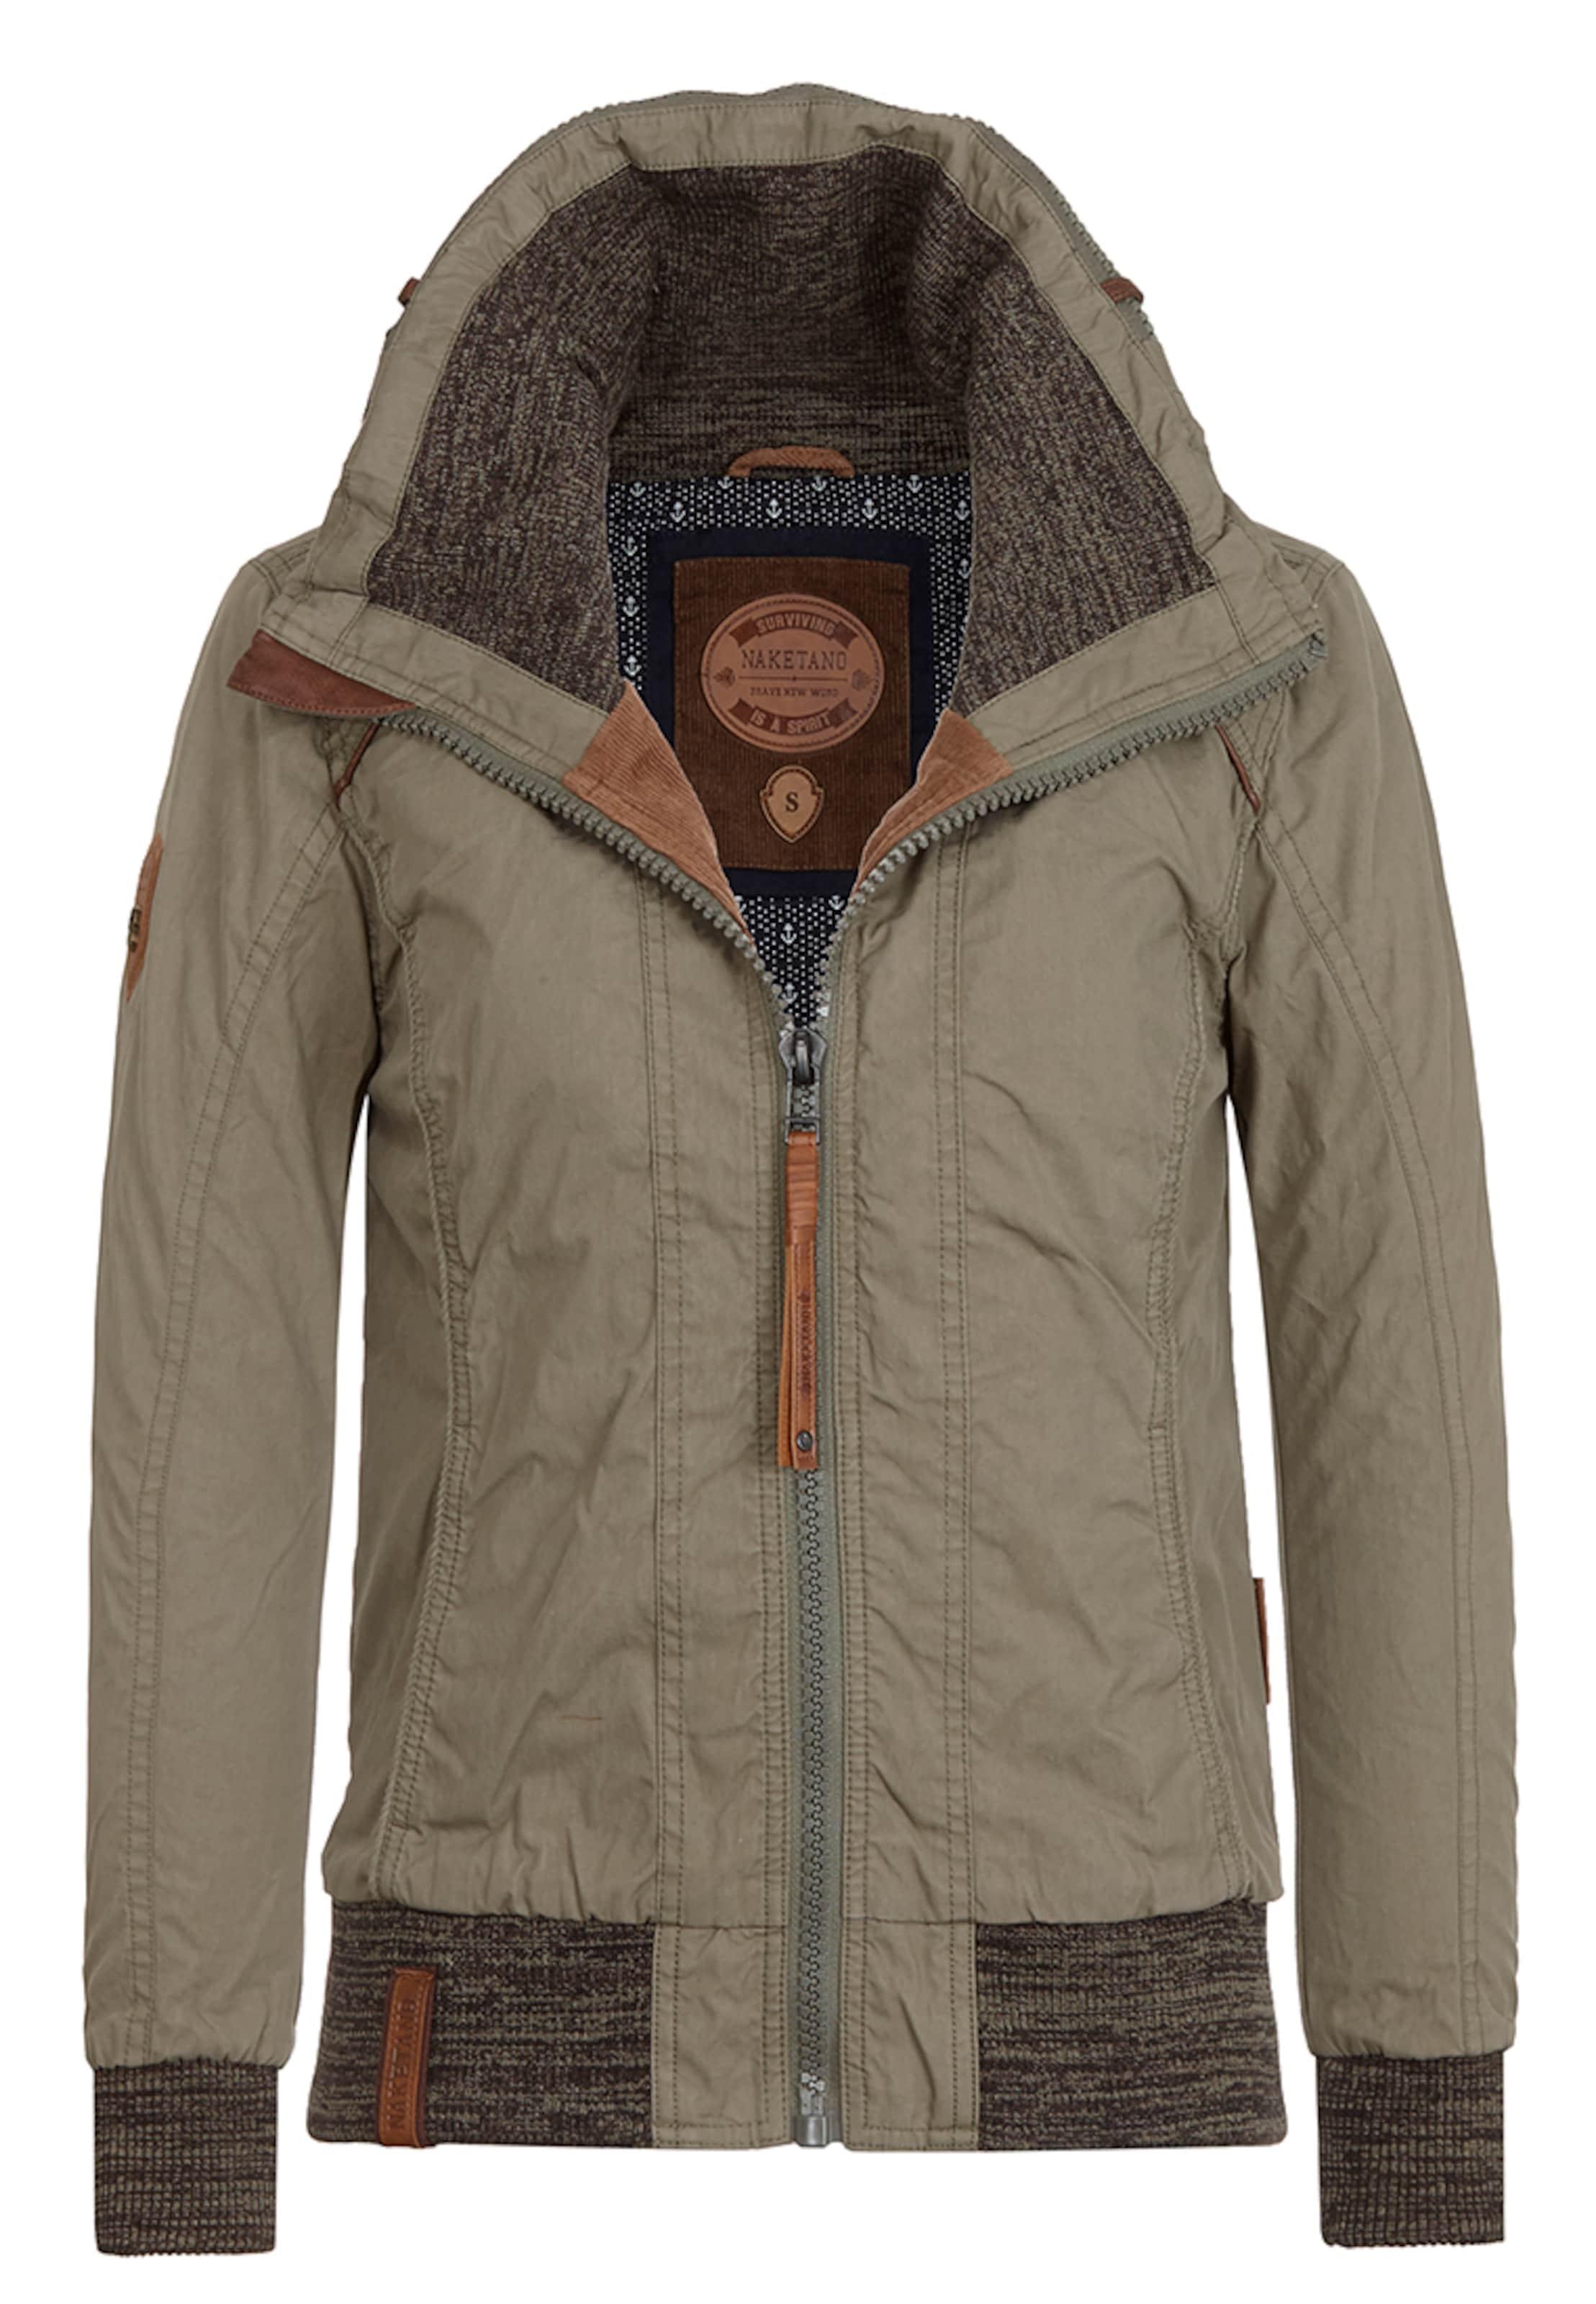 naketano Female Jacket Du muss straff sein Verkauf Günstiger Preis Verkauf Wahl ZXf0cIIcQC